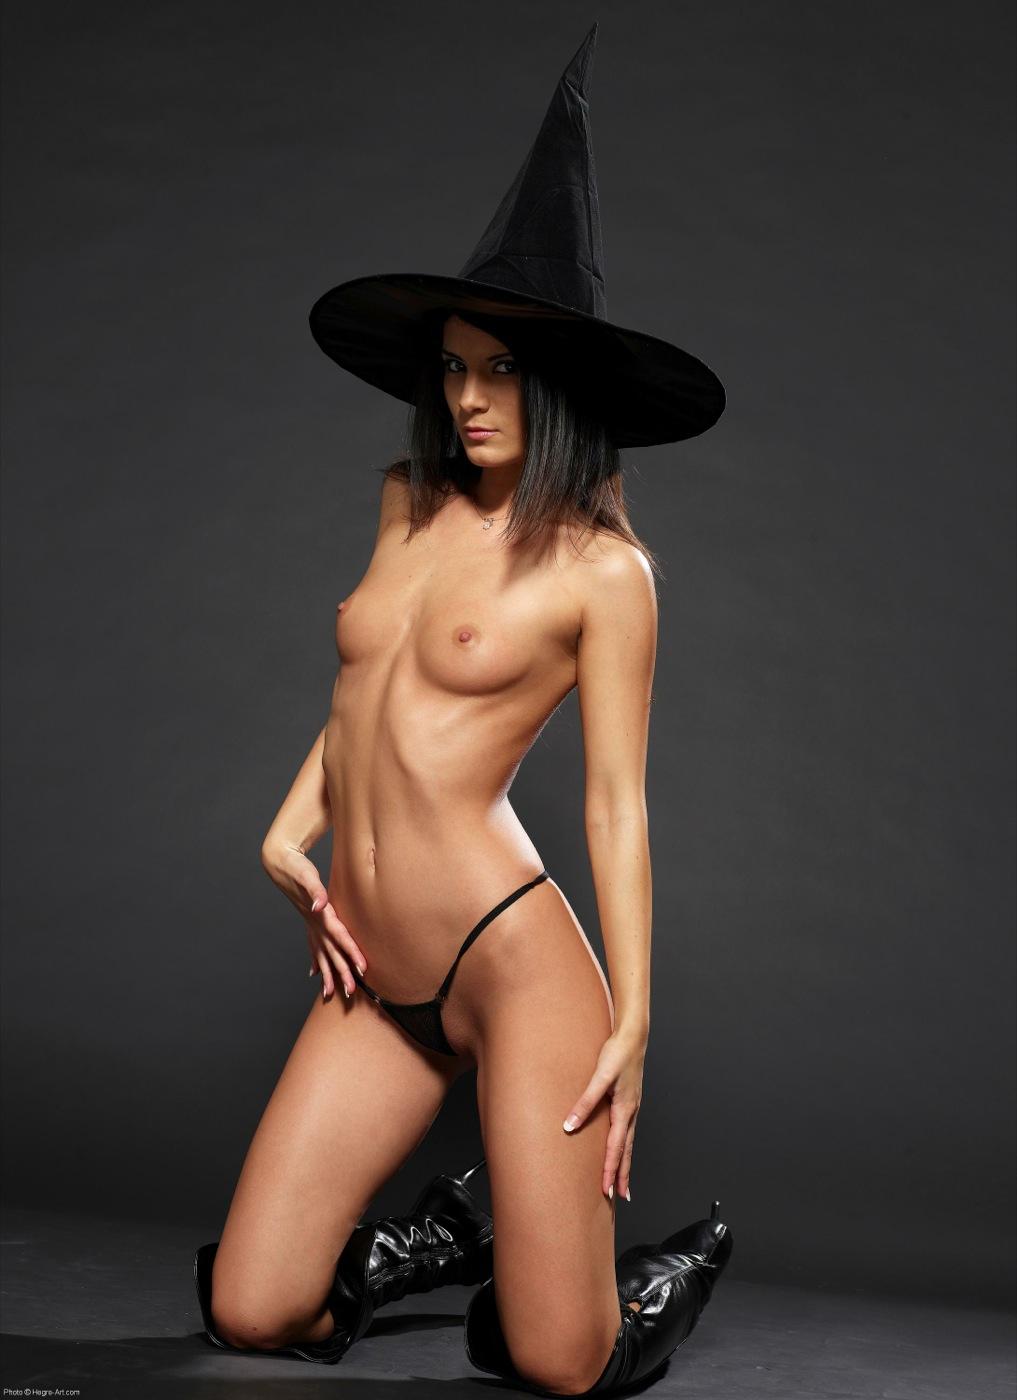 Сексуальная ведьма фото 15 фотография